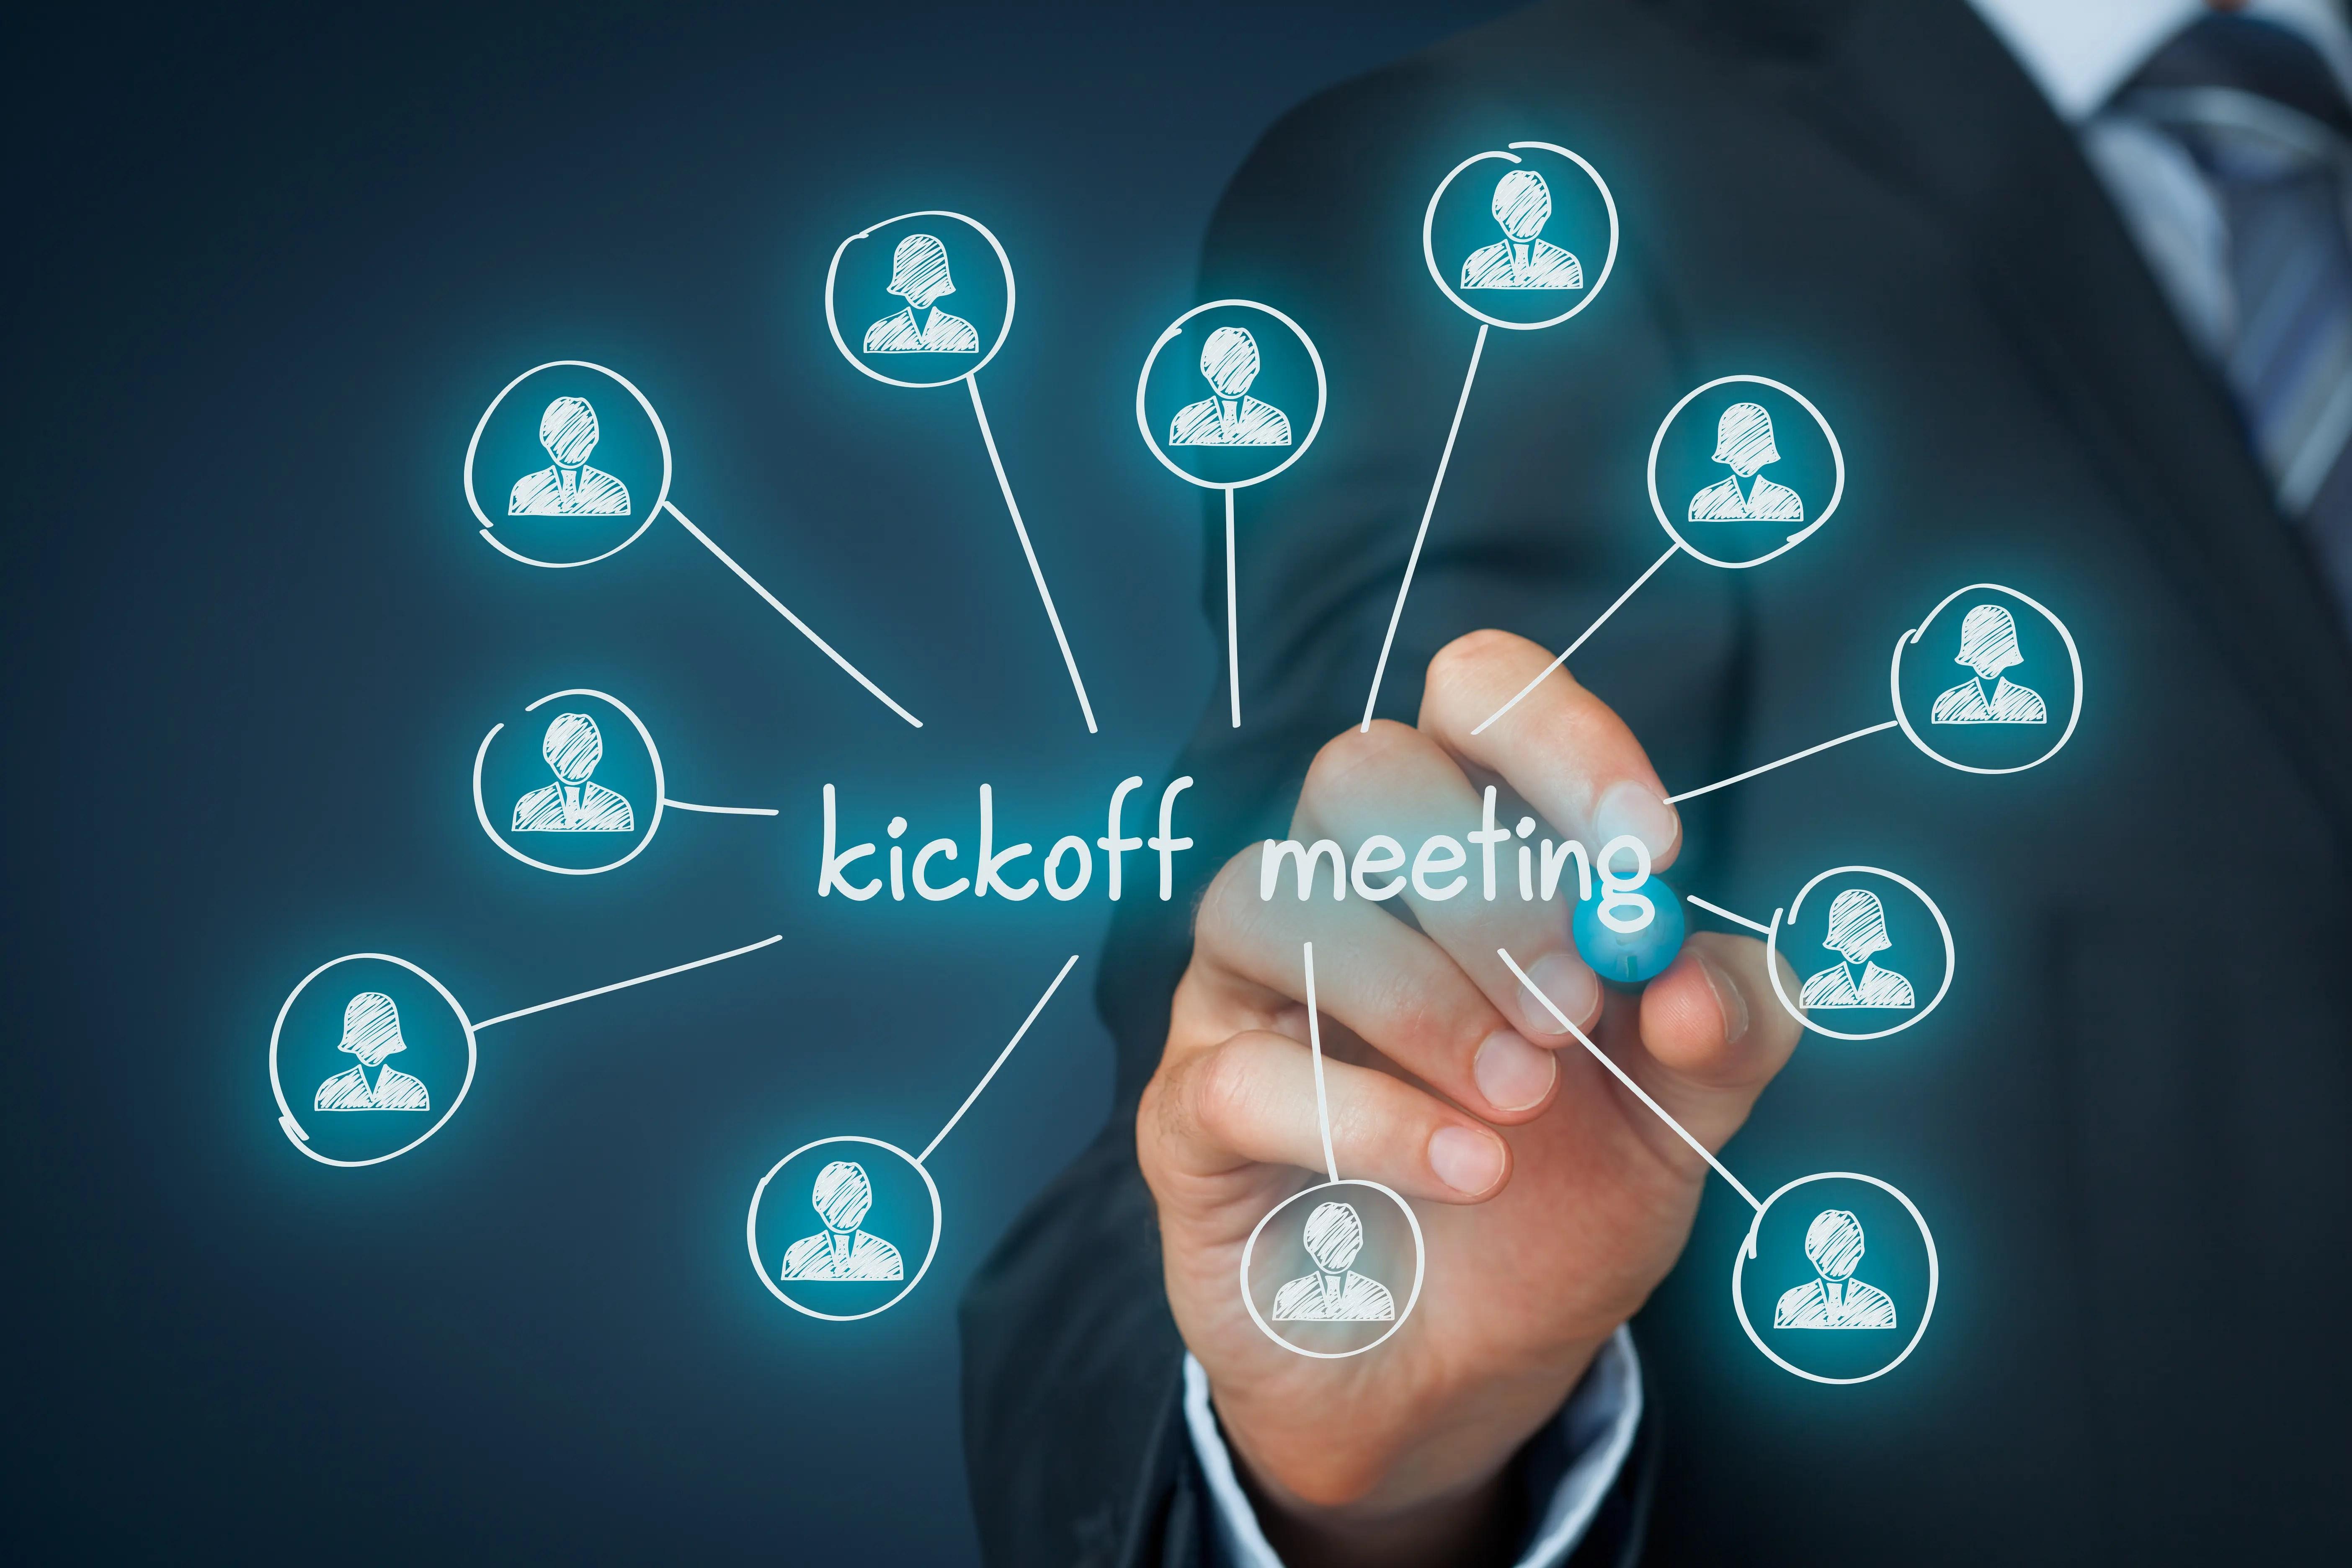 proposal_kickoff_meeting